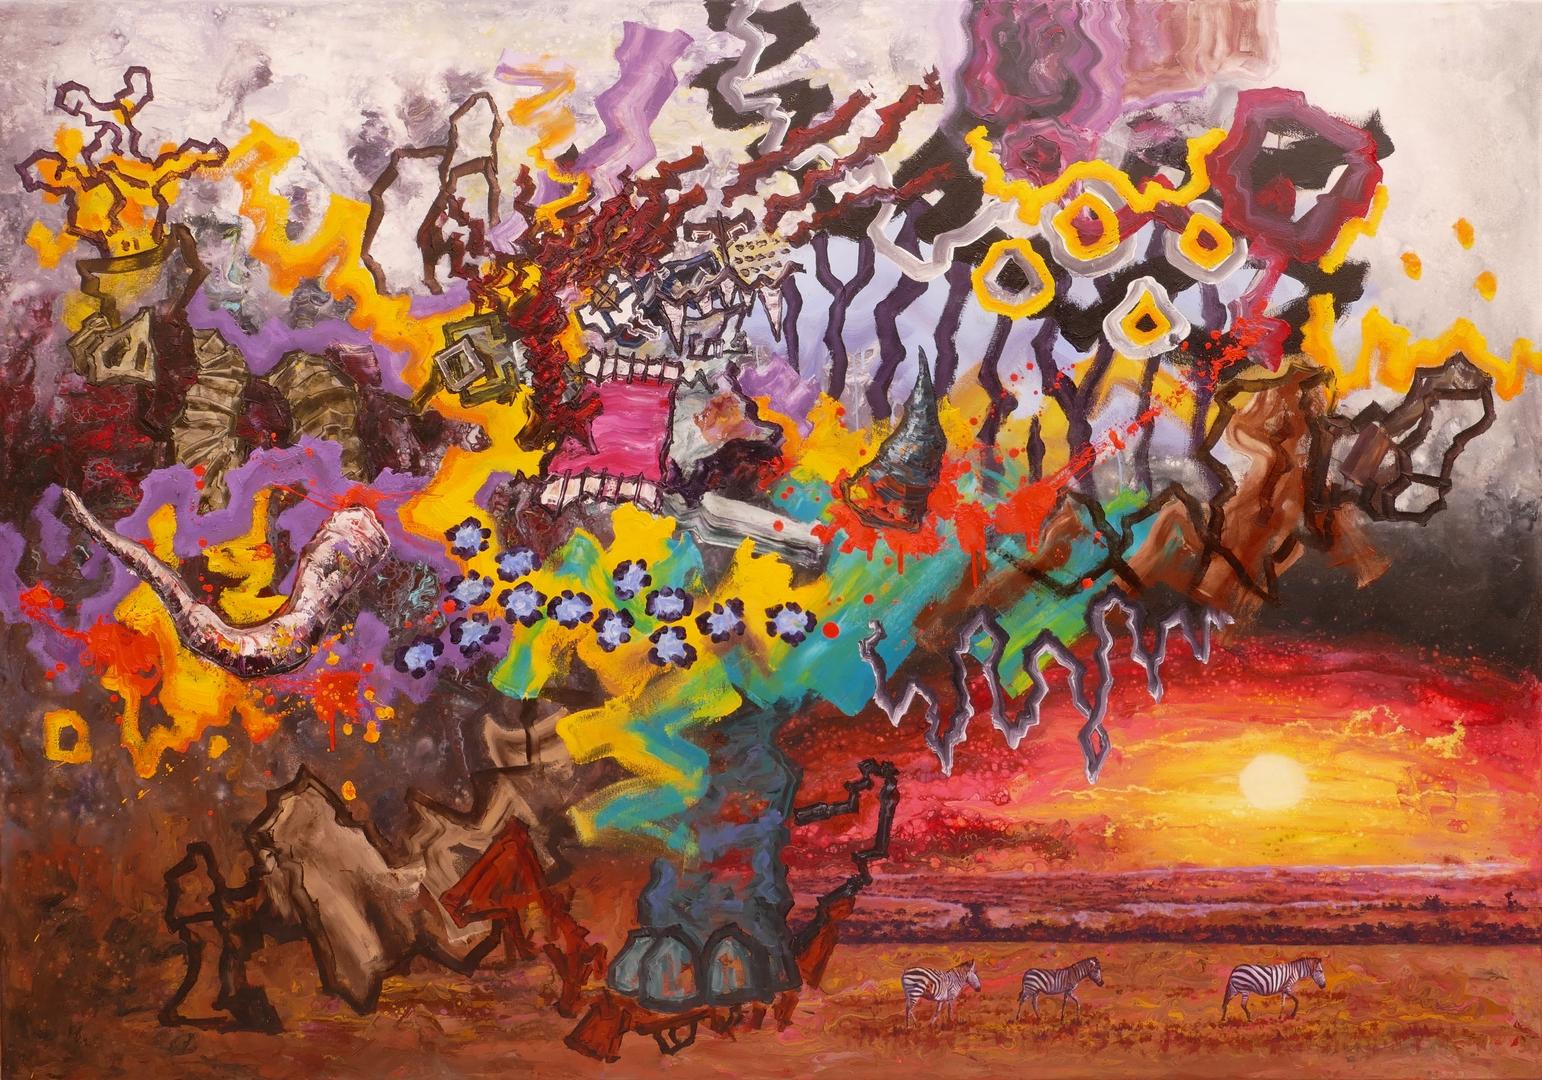 B, Das Ende eines Jägers, 140x200cm, Öl, Acryl auf Leinwand,2020.jpg